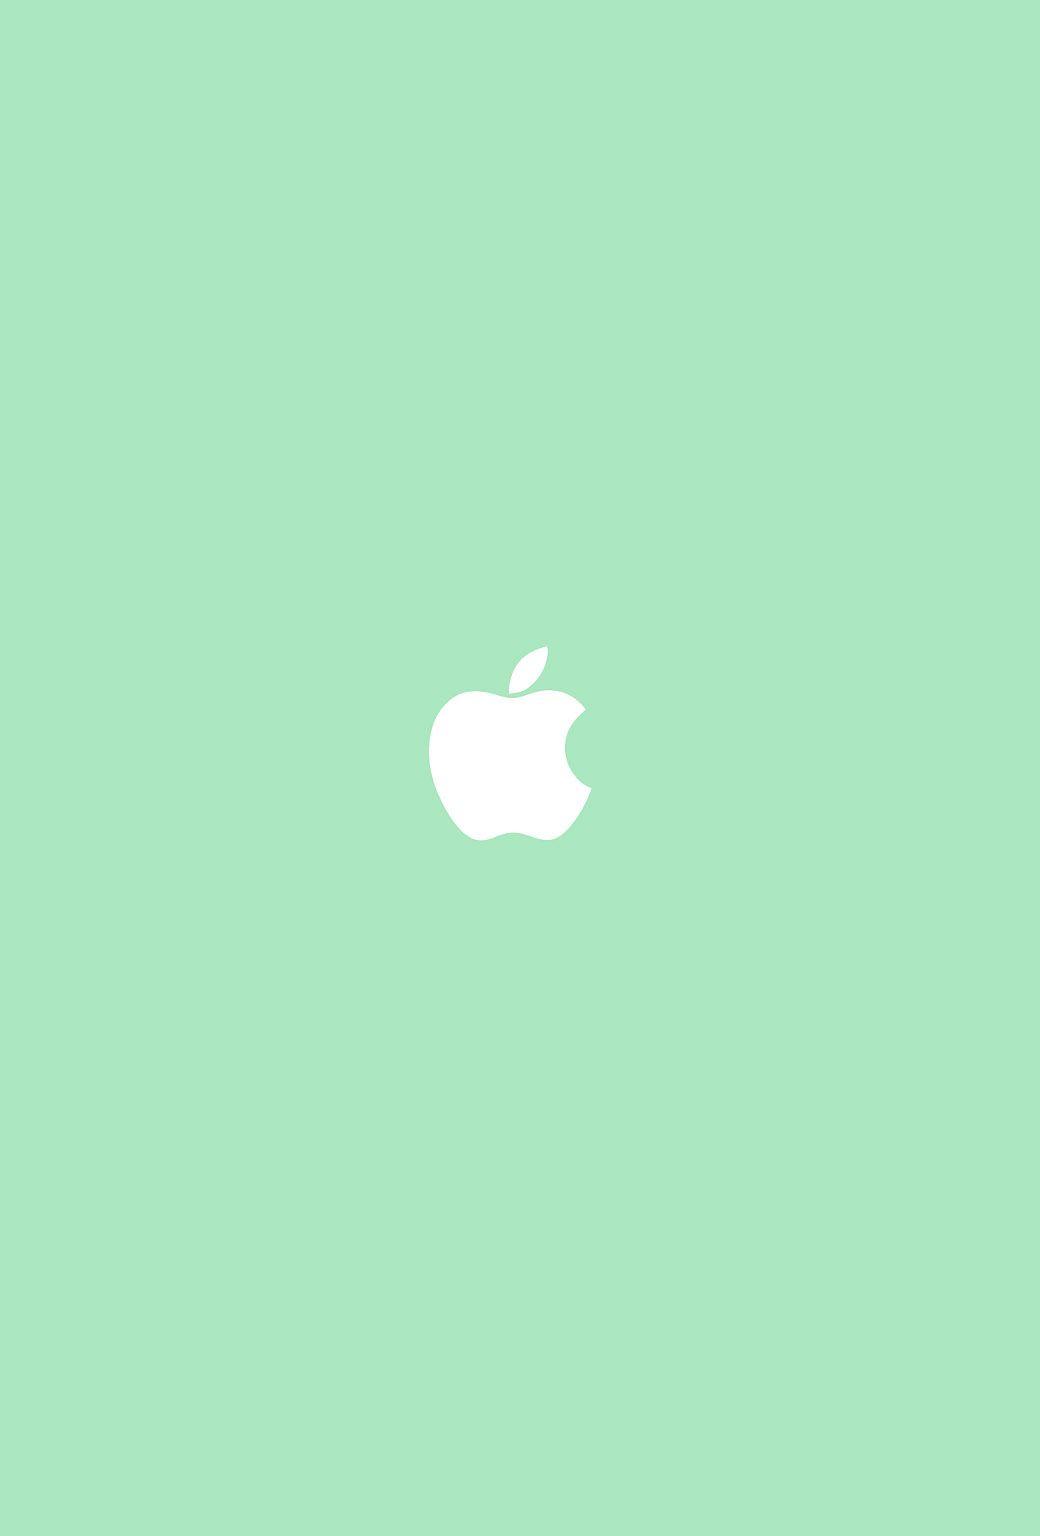 Old Fonds d'écran Apple pour Iphone